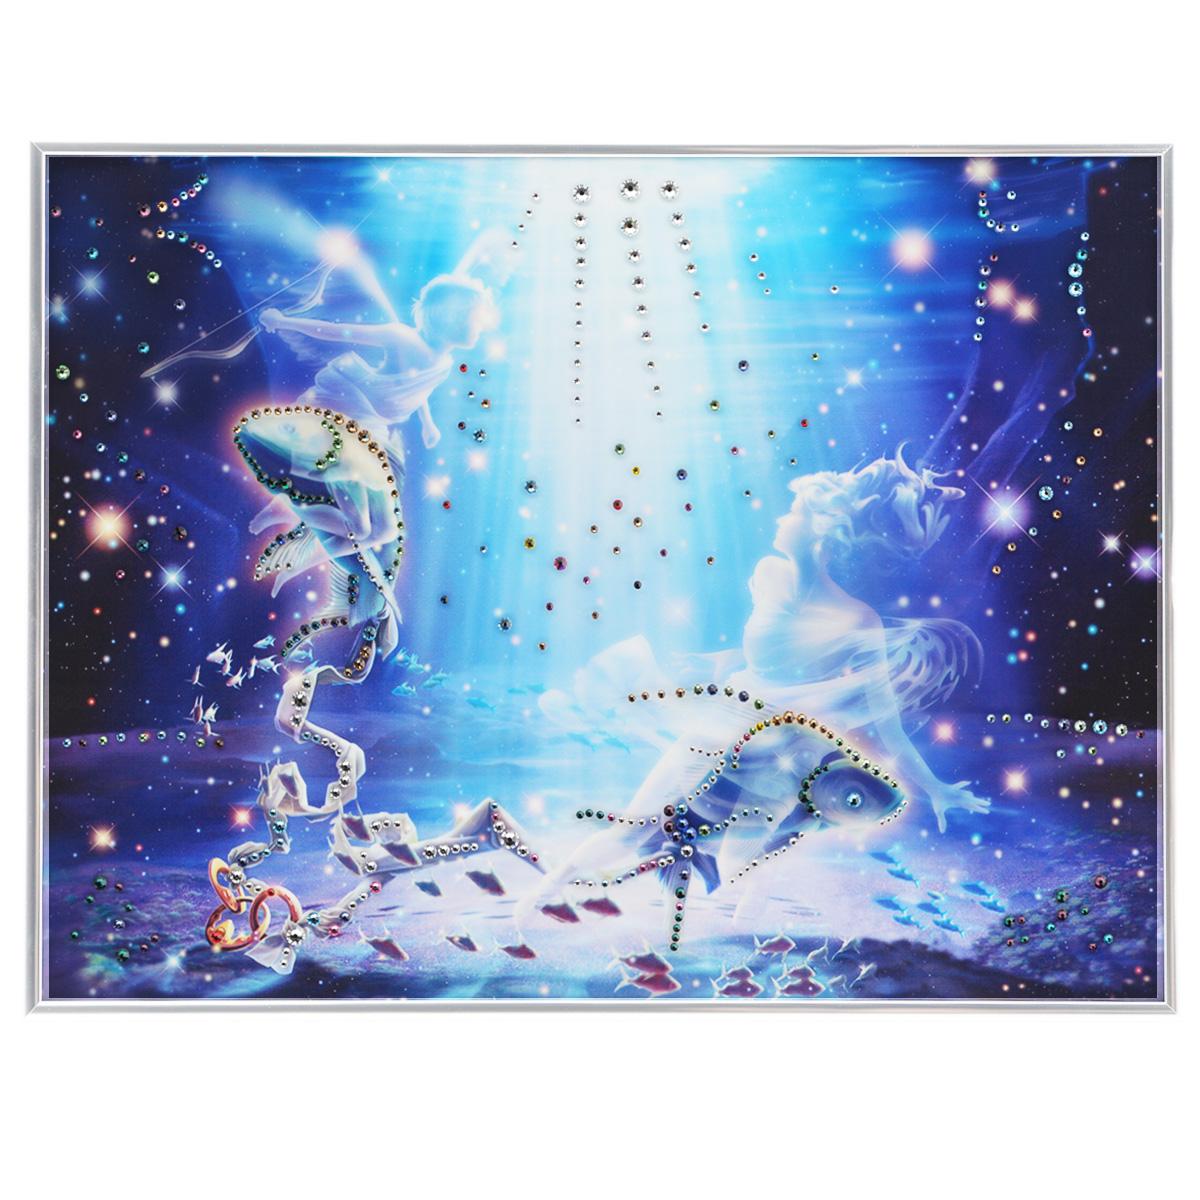 Картина с кристаллами Swarovski Знак зодиака. Рыбы Кагая, 40 см х 30 см1147Изящная картина в металлической раме, инкрустирована кристаллами Swarovski, которые отличаются четкой и ровной огранкой, ярким блеском и чистотой цвета. Красочное изображение знака зодиака - рыбы Кагая, расположенное под стеклом, прекрасно дополняет блеск кристаллов. С обратной стороны имеется металлическая петелька для размещения картины на стене. Картина с кристаллами Swarovski Знак зодиака. Рыбы Кагая элегантно украсит интерьер дома или офиса, а также станет прекрасным подарком, который обязательно понравится получателю. Блеск кристаллов в интерьере, что может быть сказочнее и удивительнее. Картина упакована в подарочную картонную коробку синего цвета и комплектуется сертификатом соответствия Swarovski.